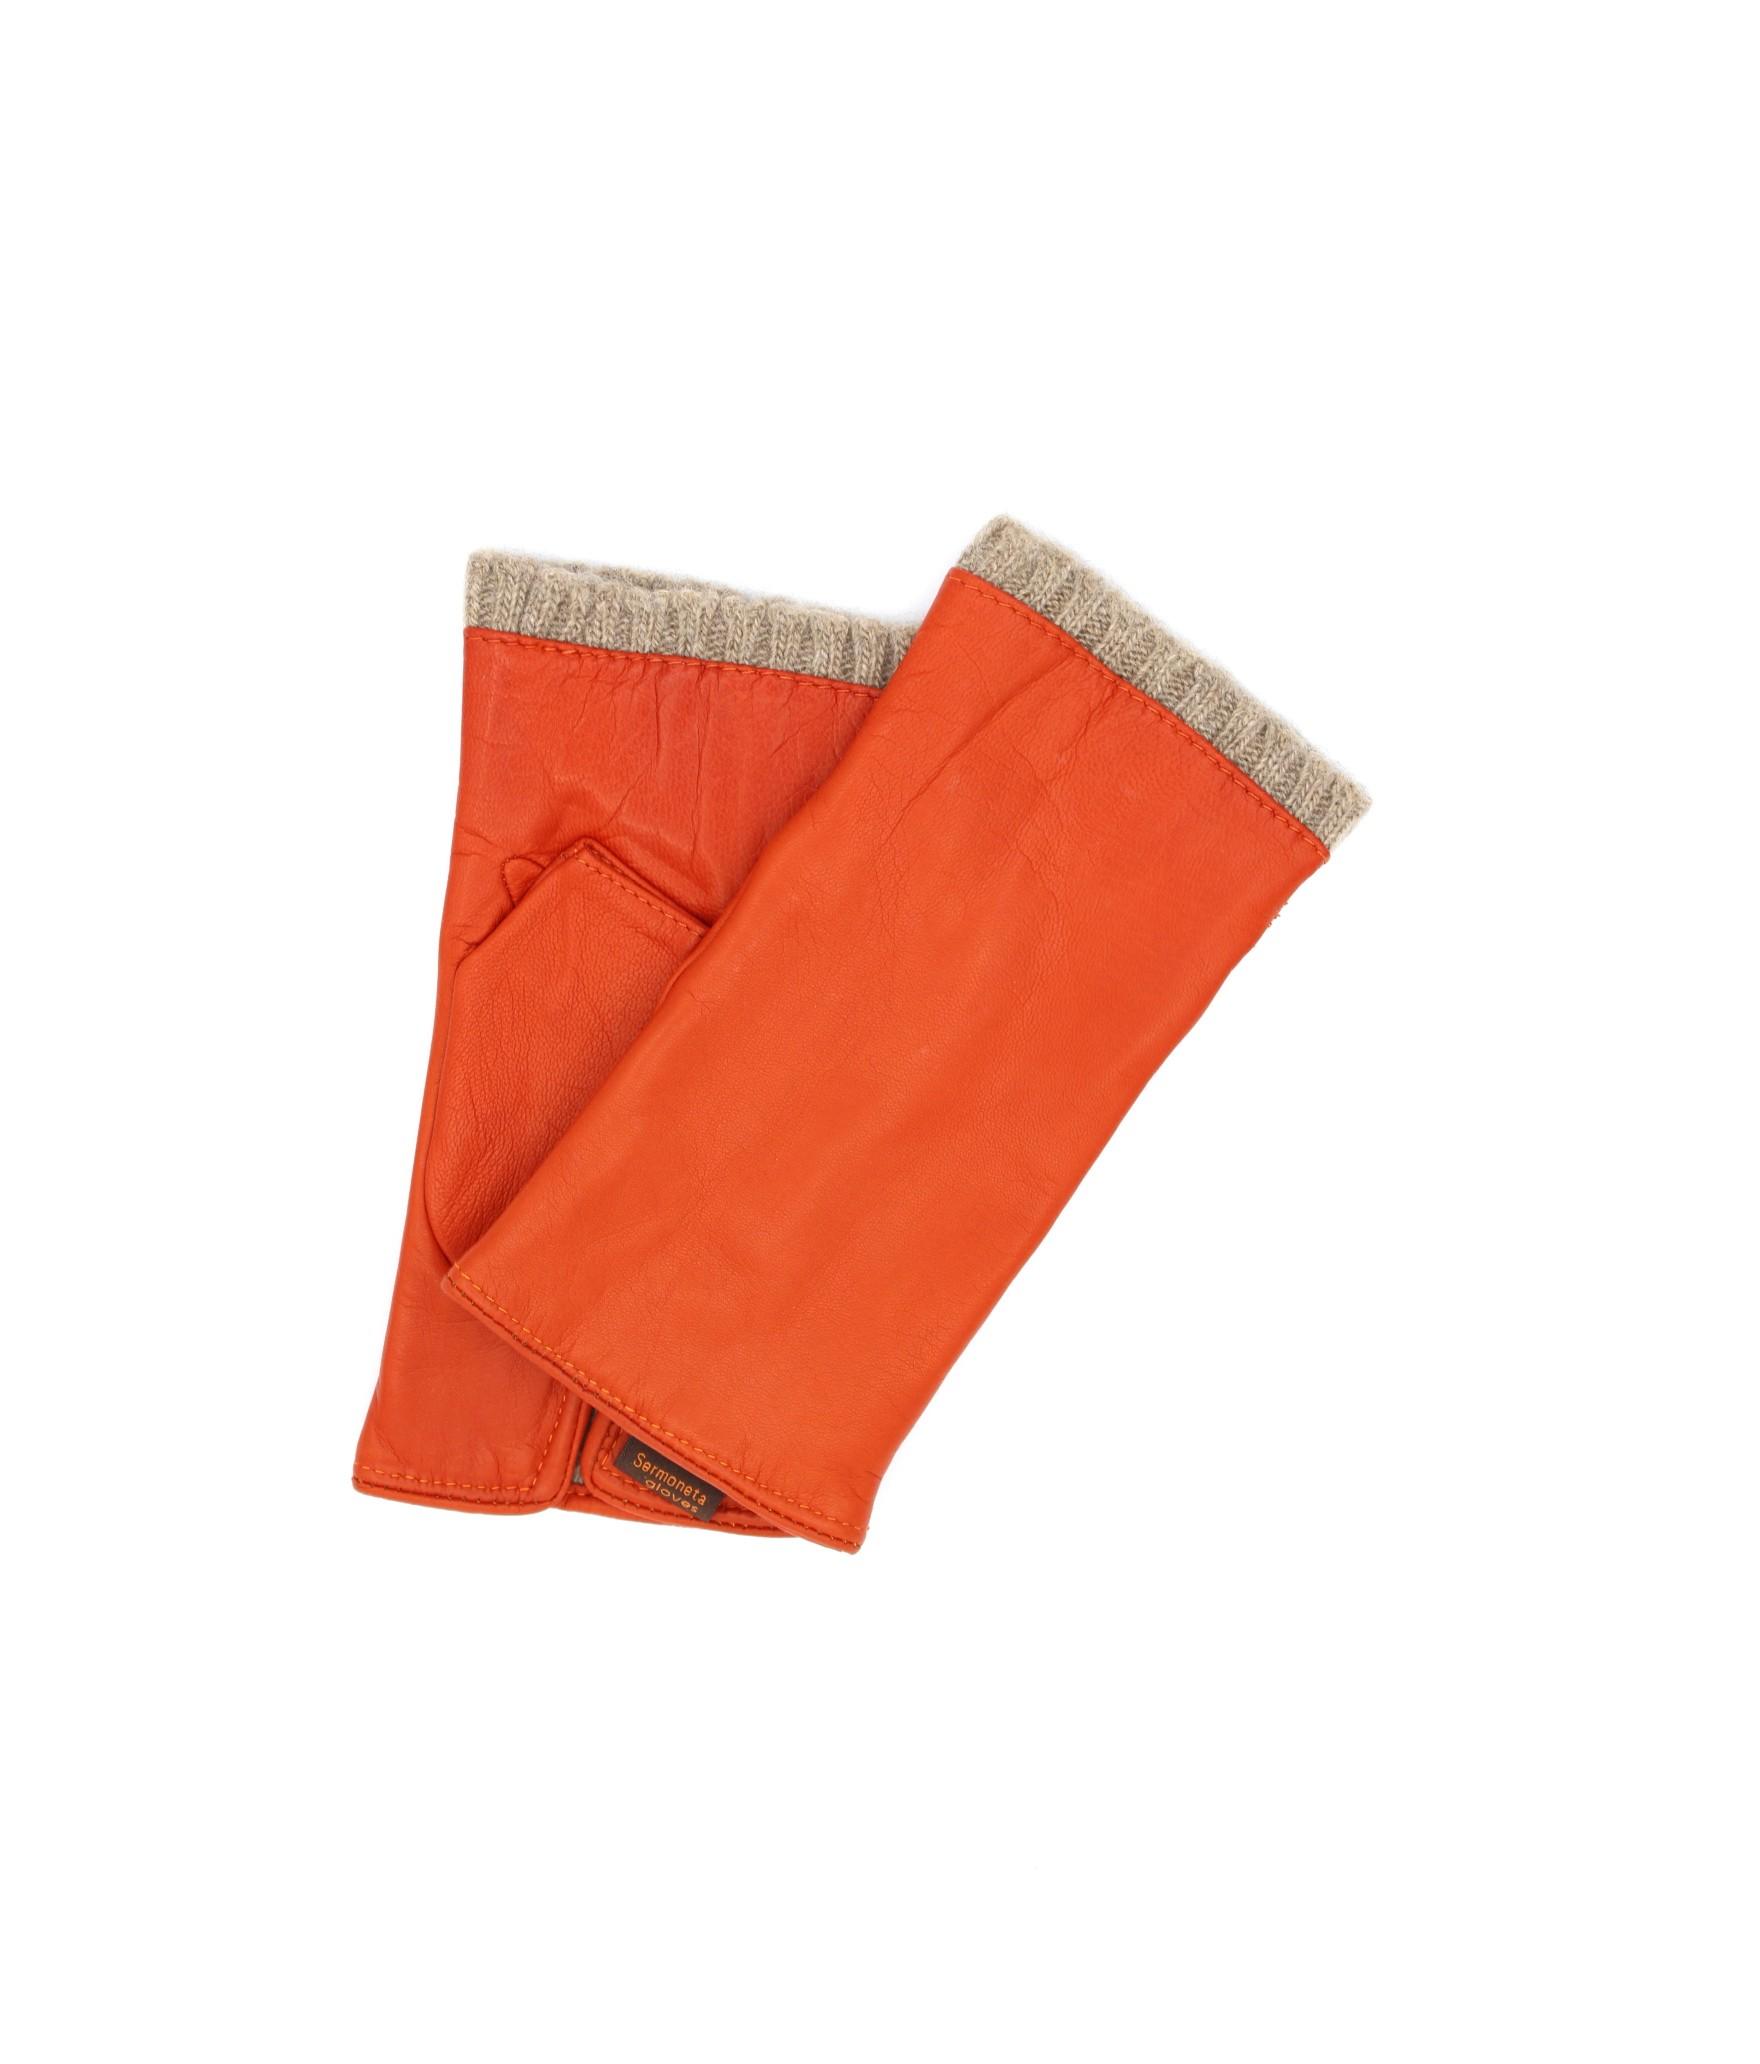 Half Mitten in Nappa leather cashmere lined Orange Sermoneta